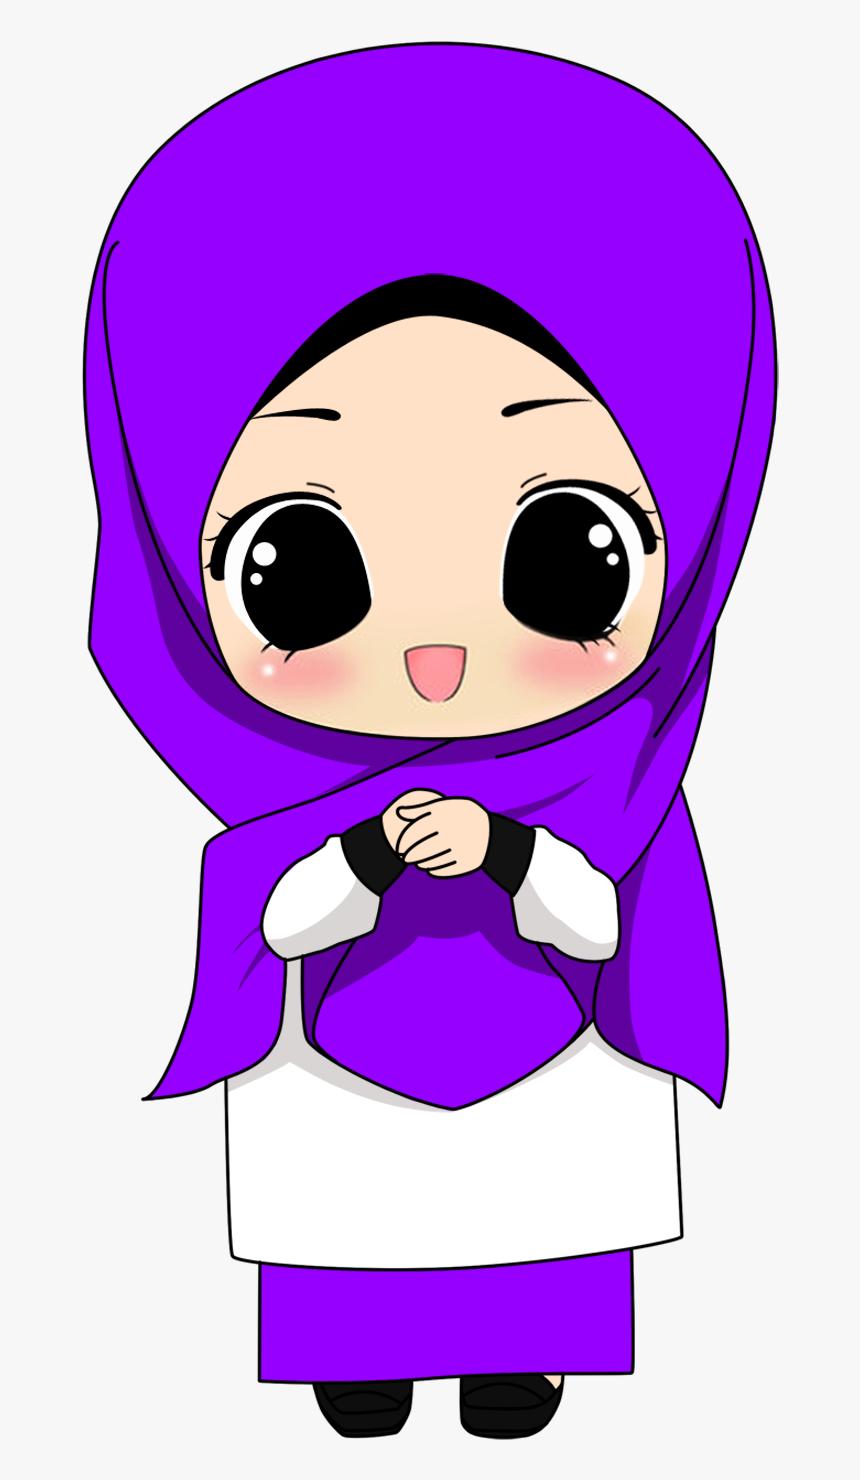 Hijab Cartoon Transparent Transparent Image